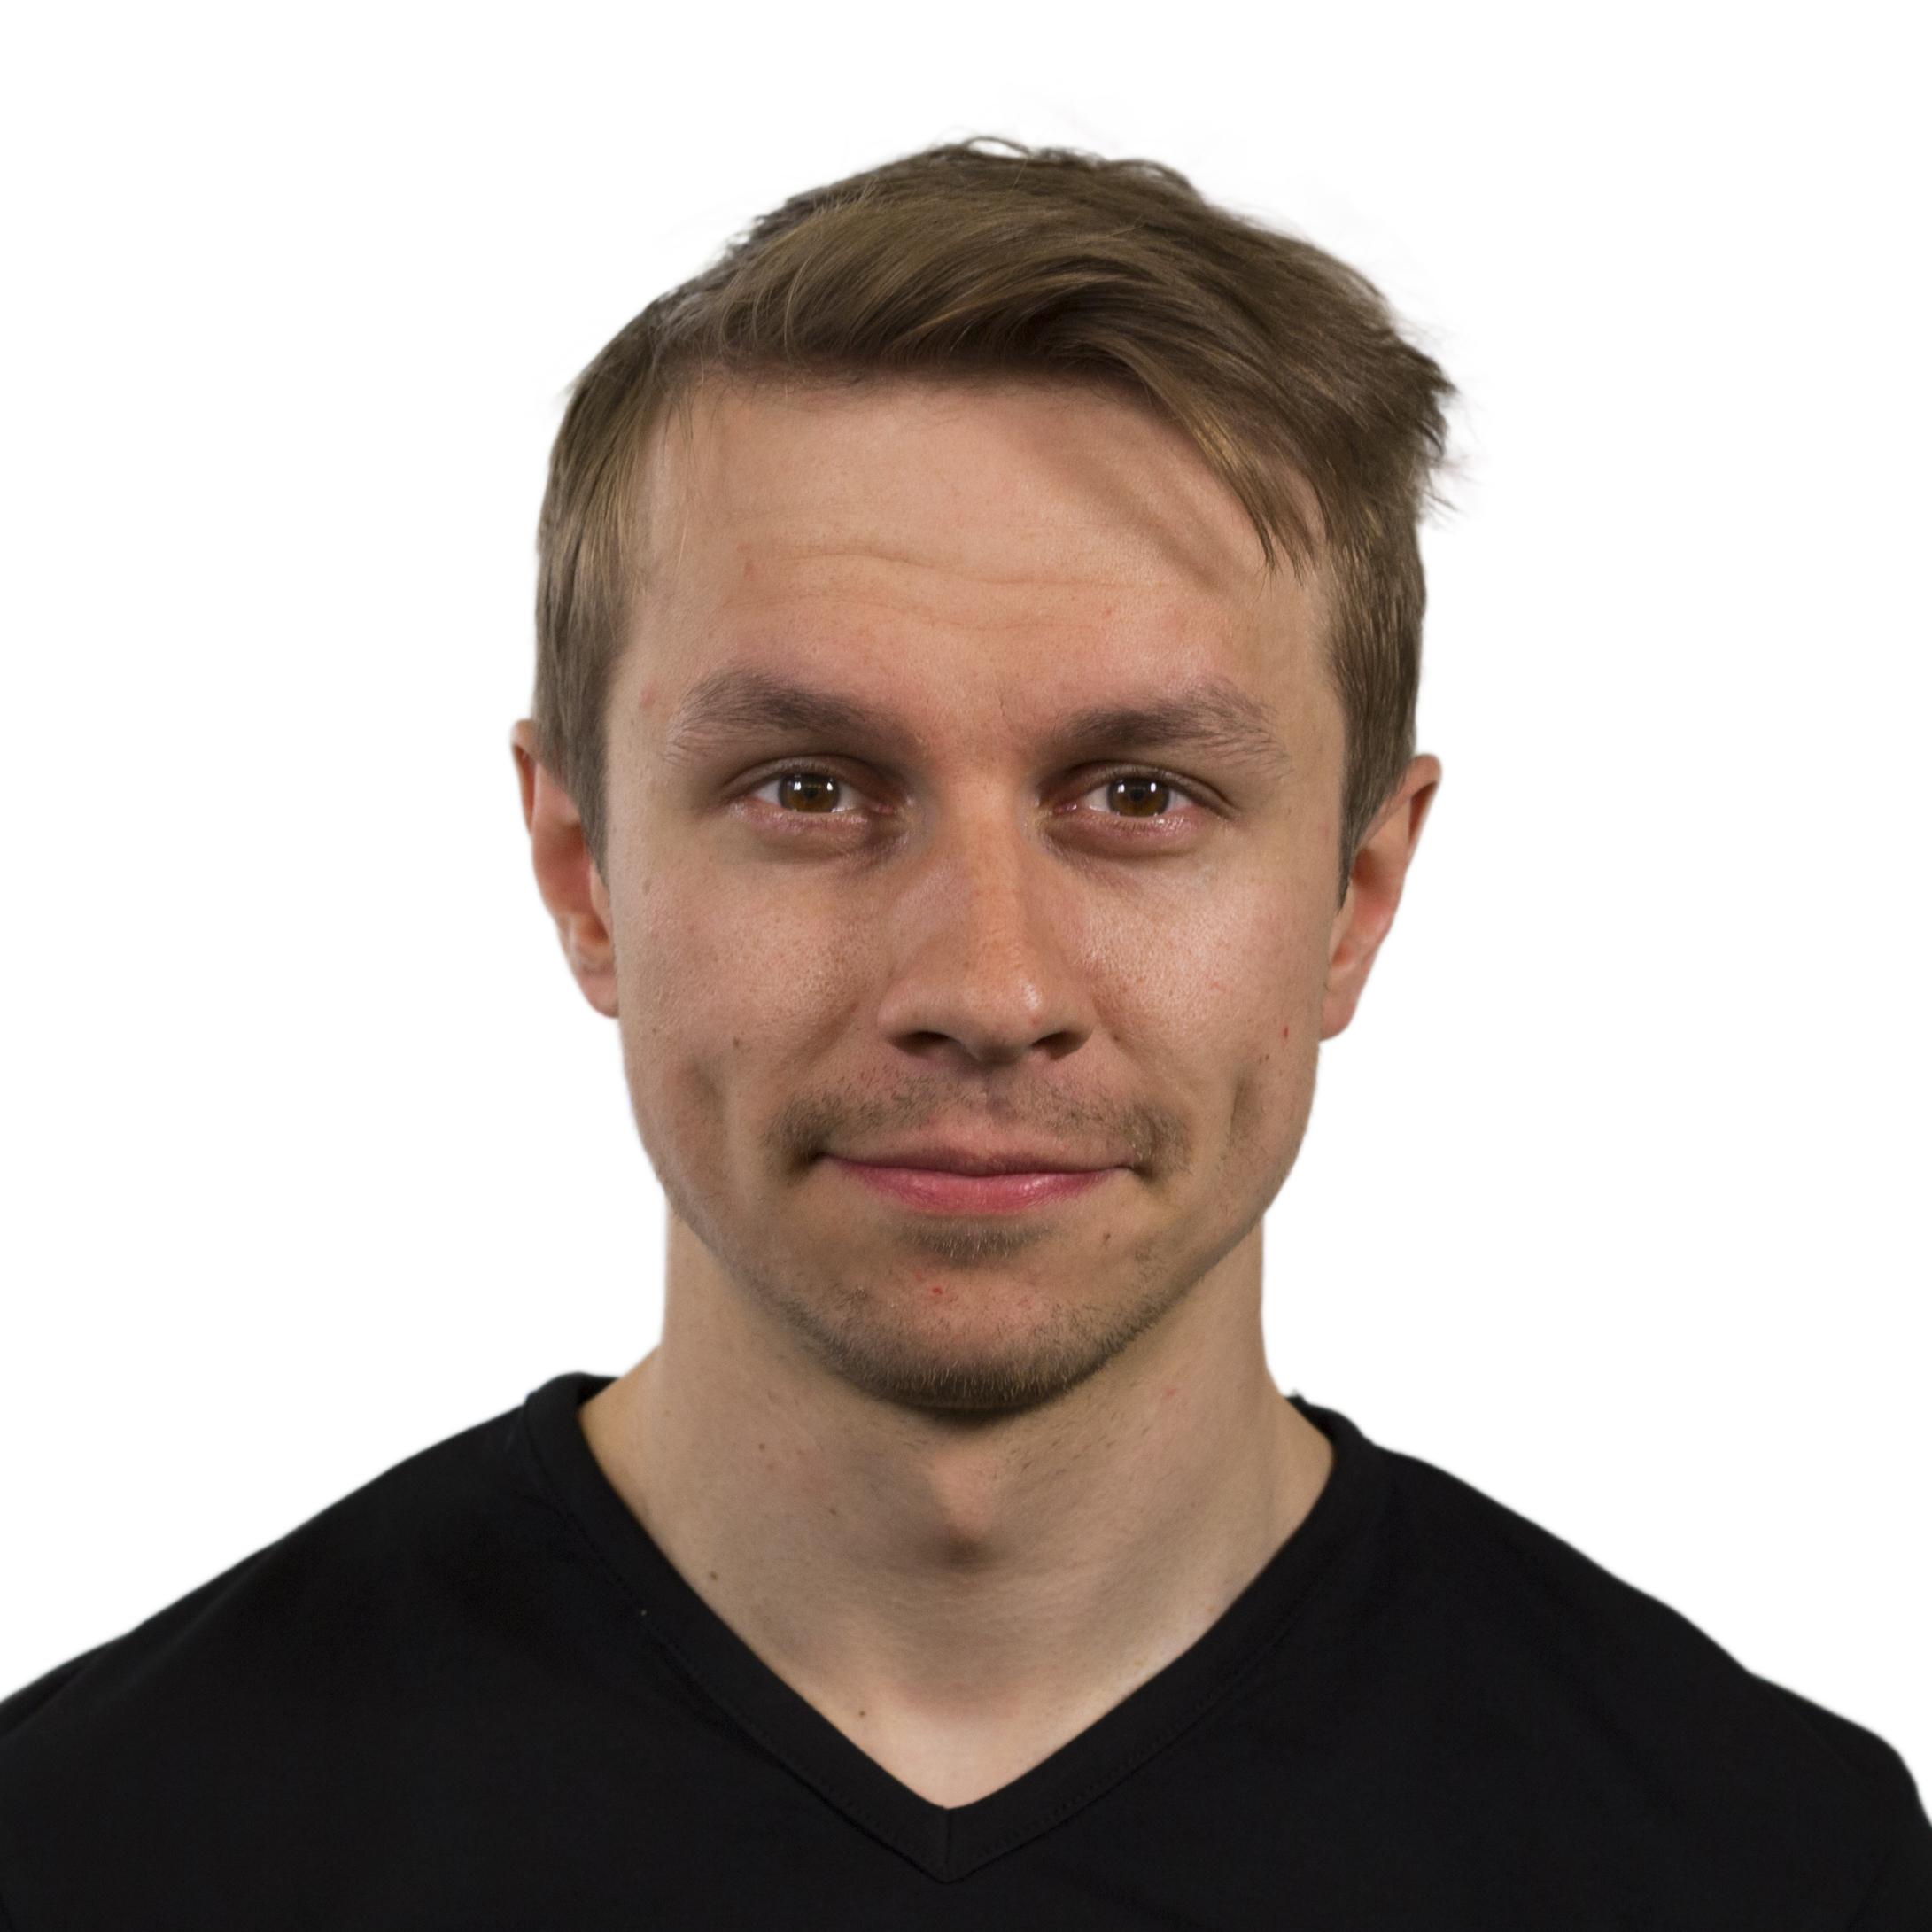 Pekka Hyvönen